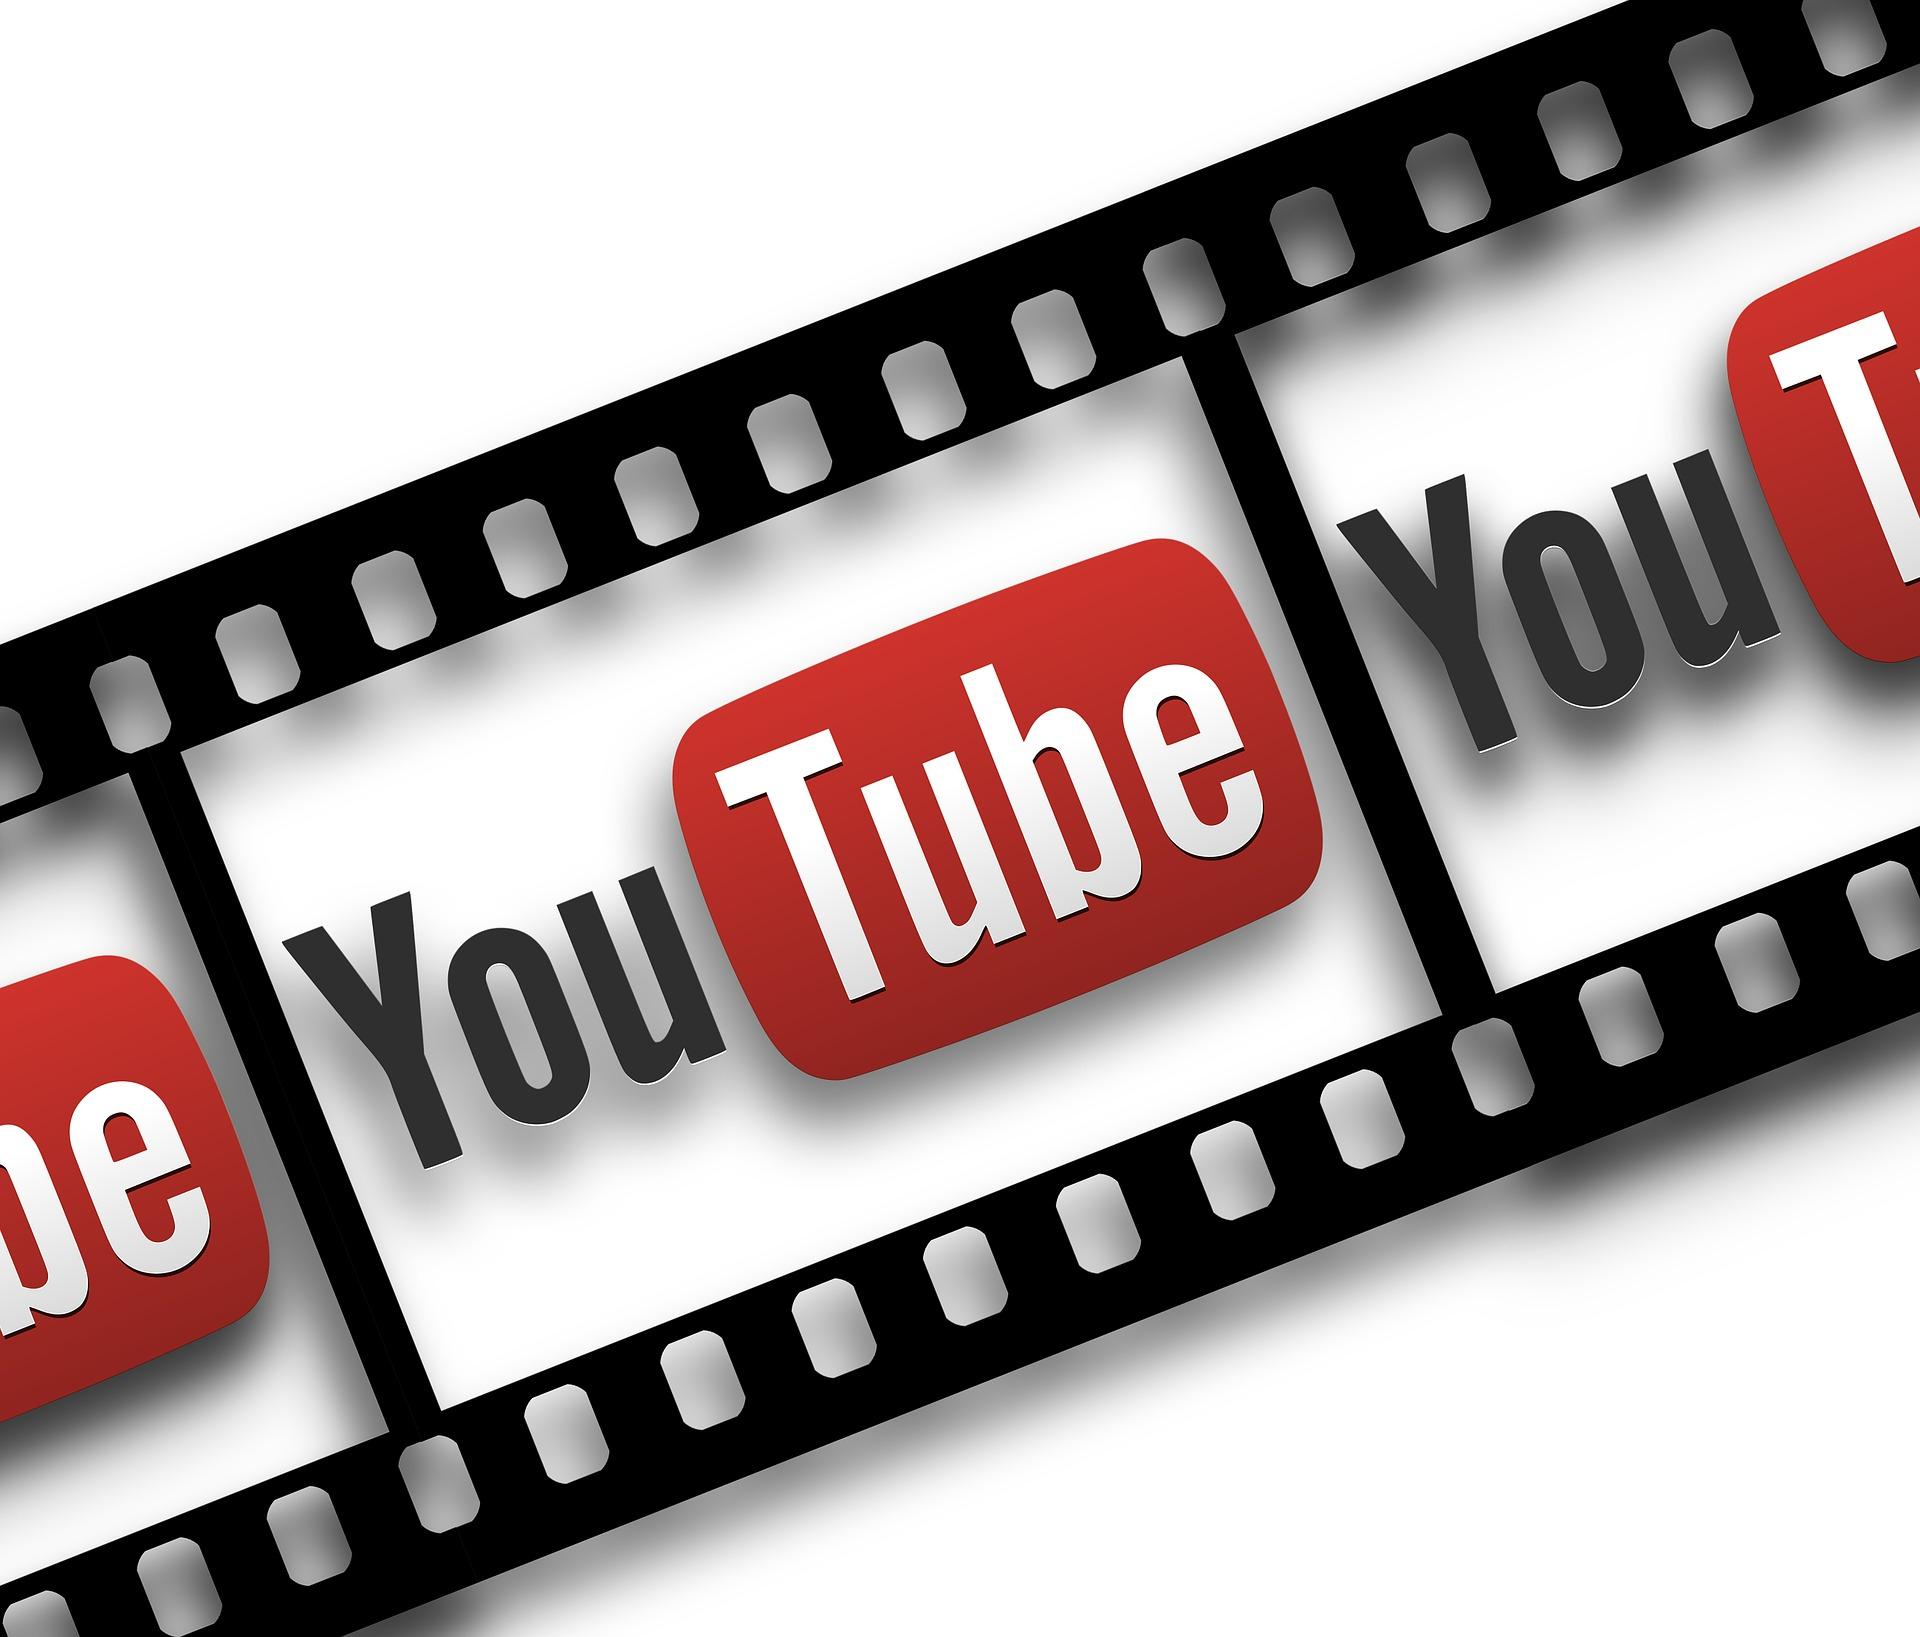 Stiže nova YouTube aplikacija za razmenu poruka!